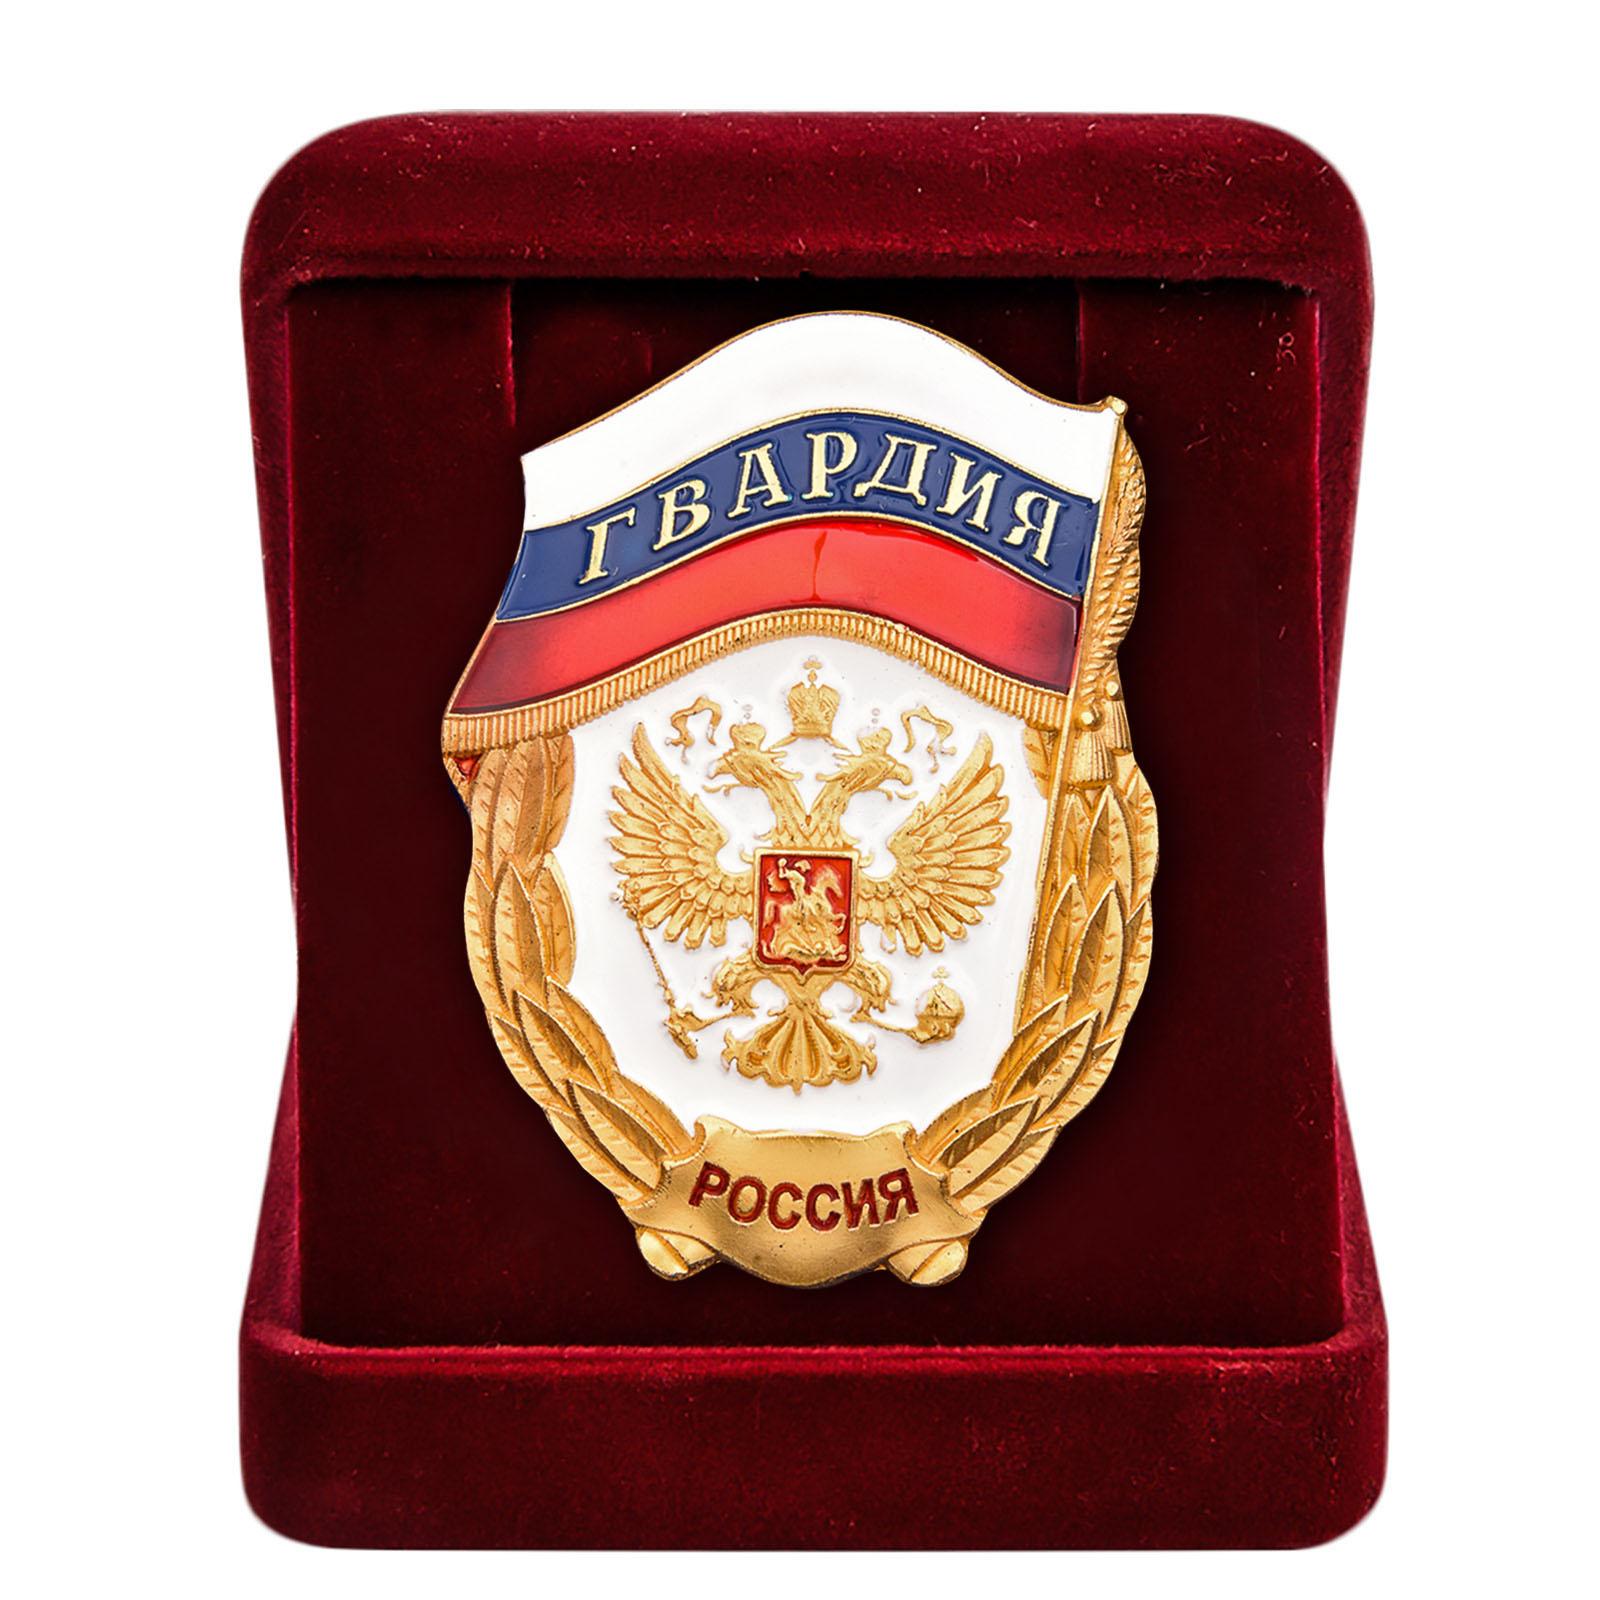 Купить нагрудный знак Гвардия России по экономичной цене